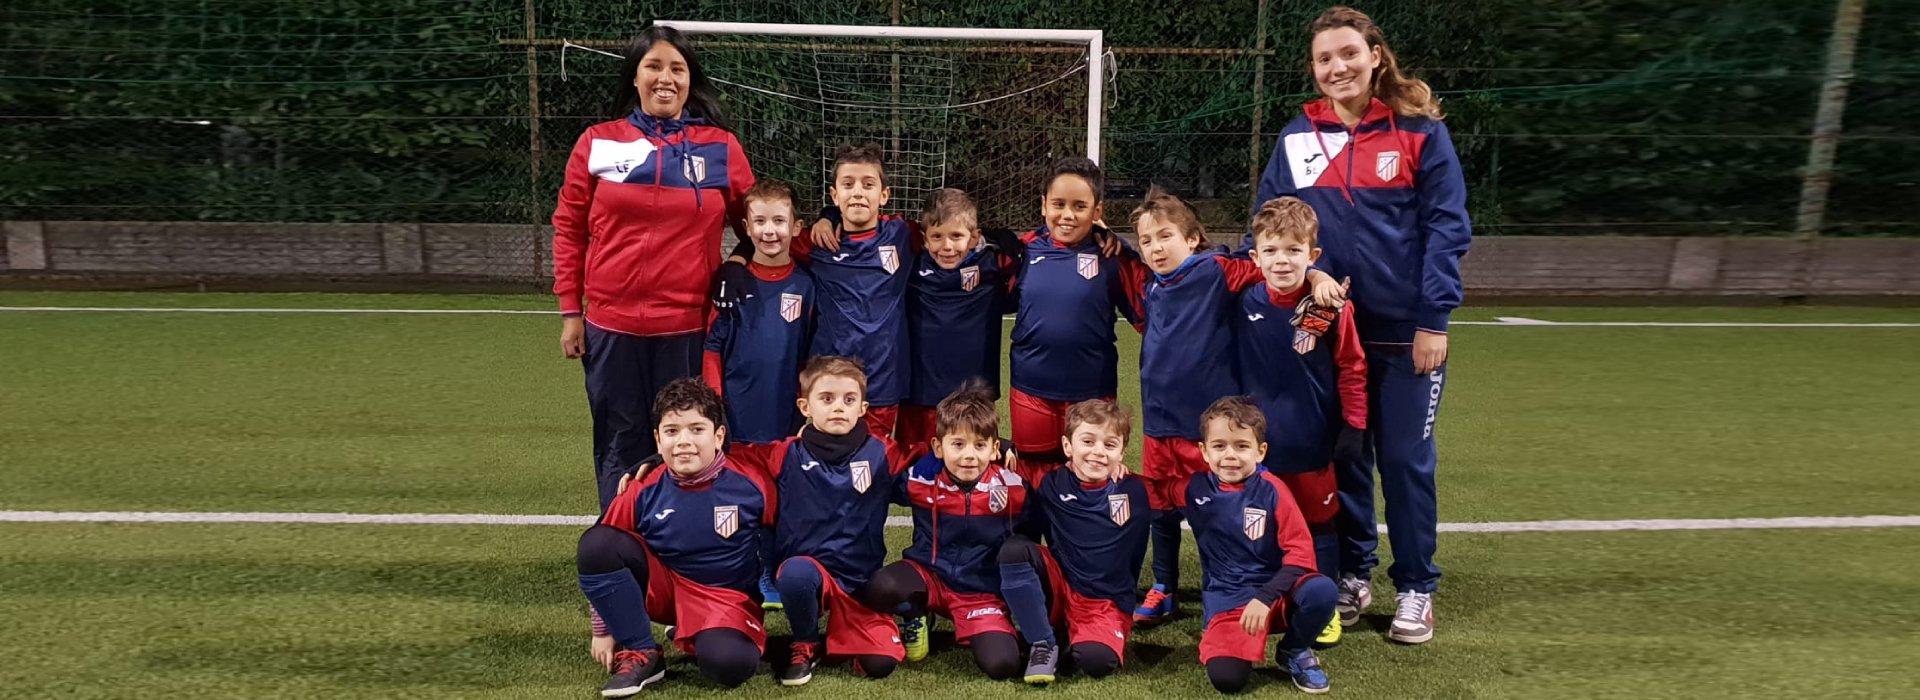 squadra under 8 calcio a 5 roma san gaspare